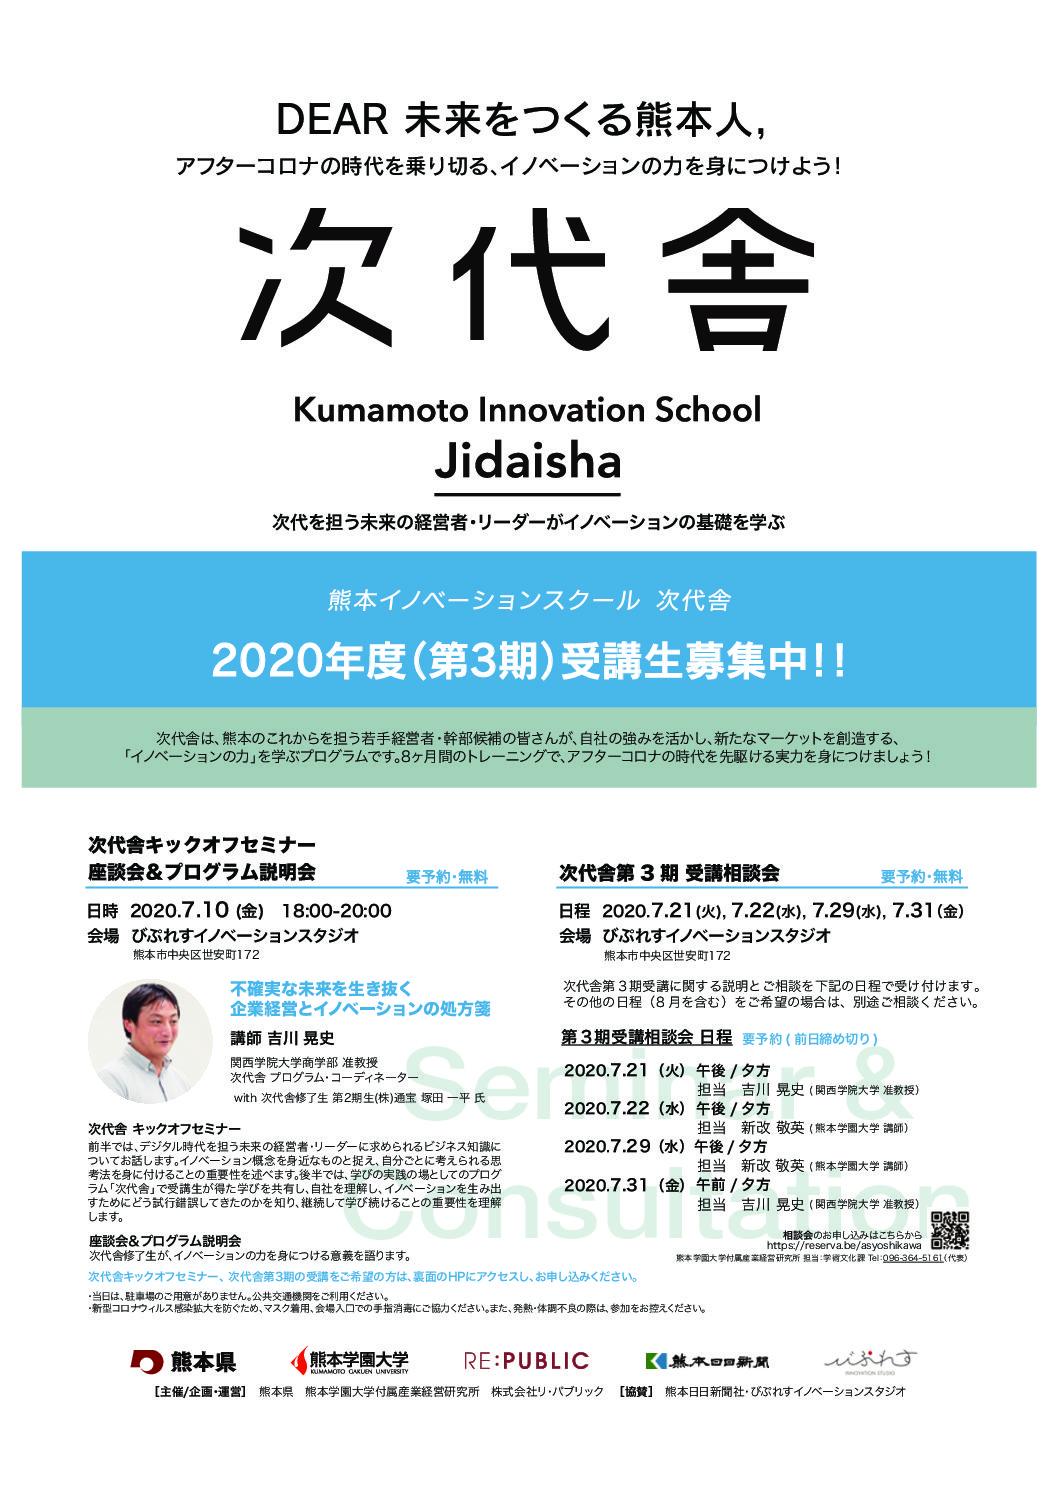 熊本イノベーションスクール次代舎のご案内